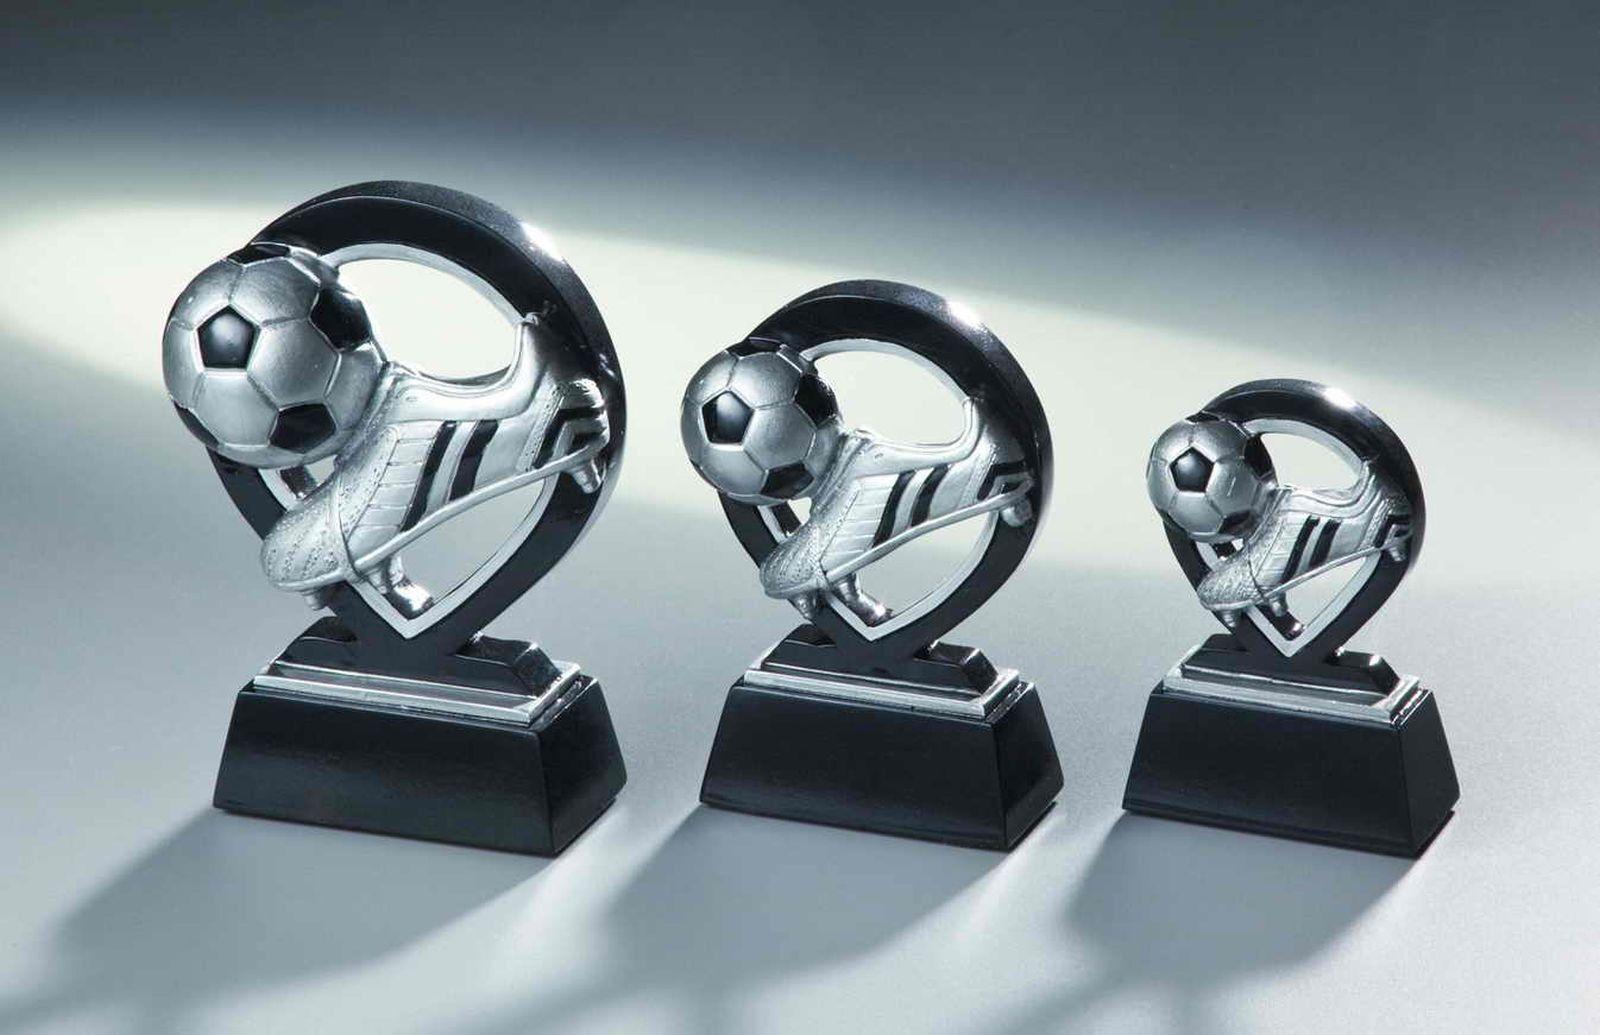 20 figuras de fútbol trofeos  190c (trofeo ganador Torneo  trofeo kindergeburtsta)  diseño simple y generoso